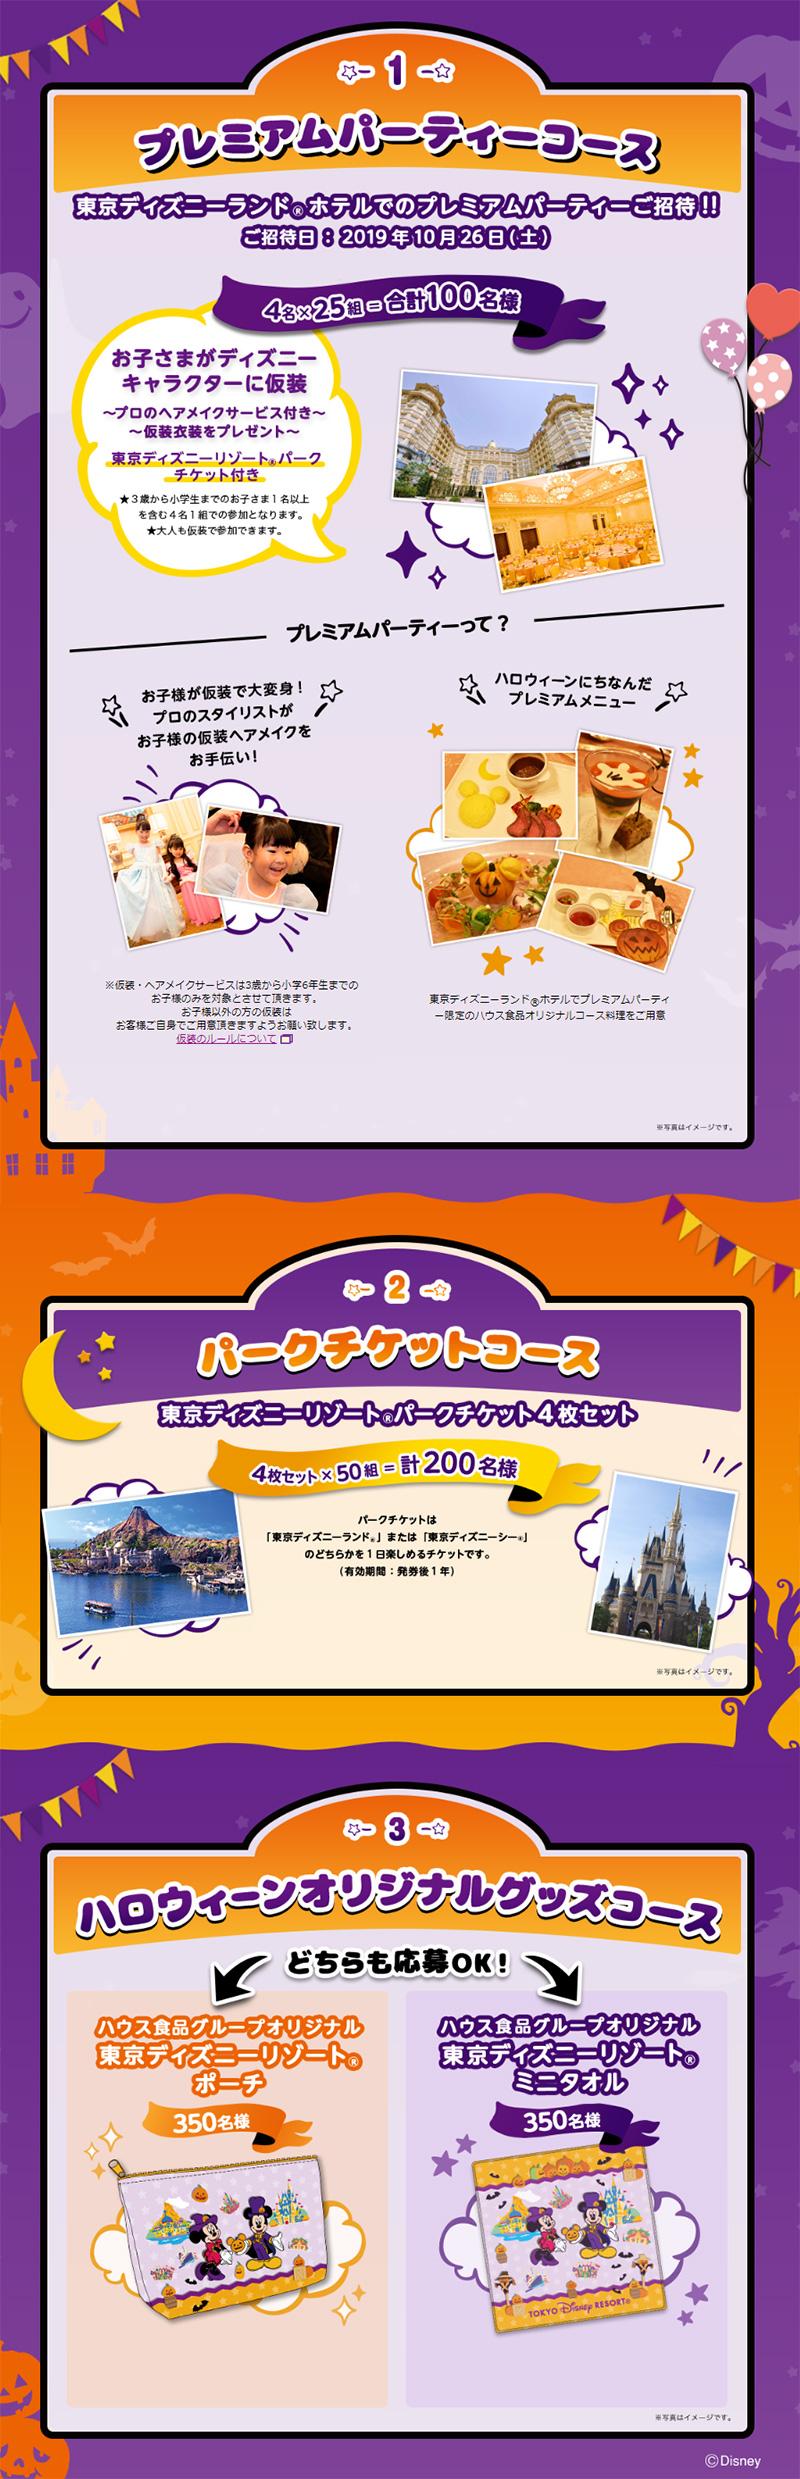 ハウス食品 ディズニー無料懸賞キャンペーン2019夏 プレゼント懸賞品